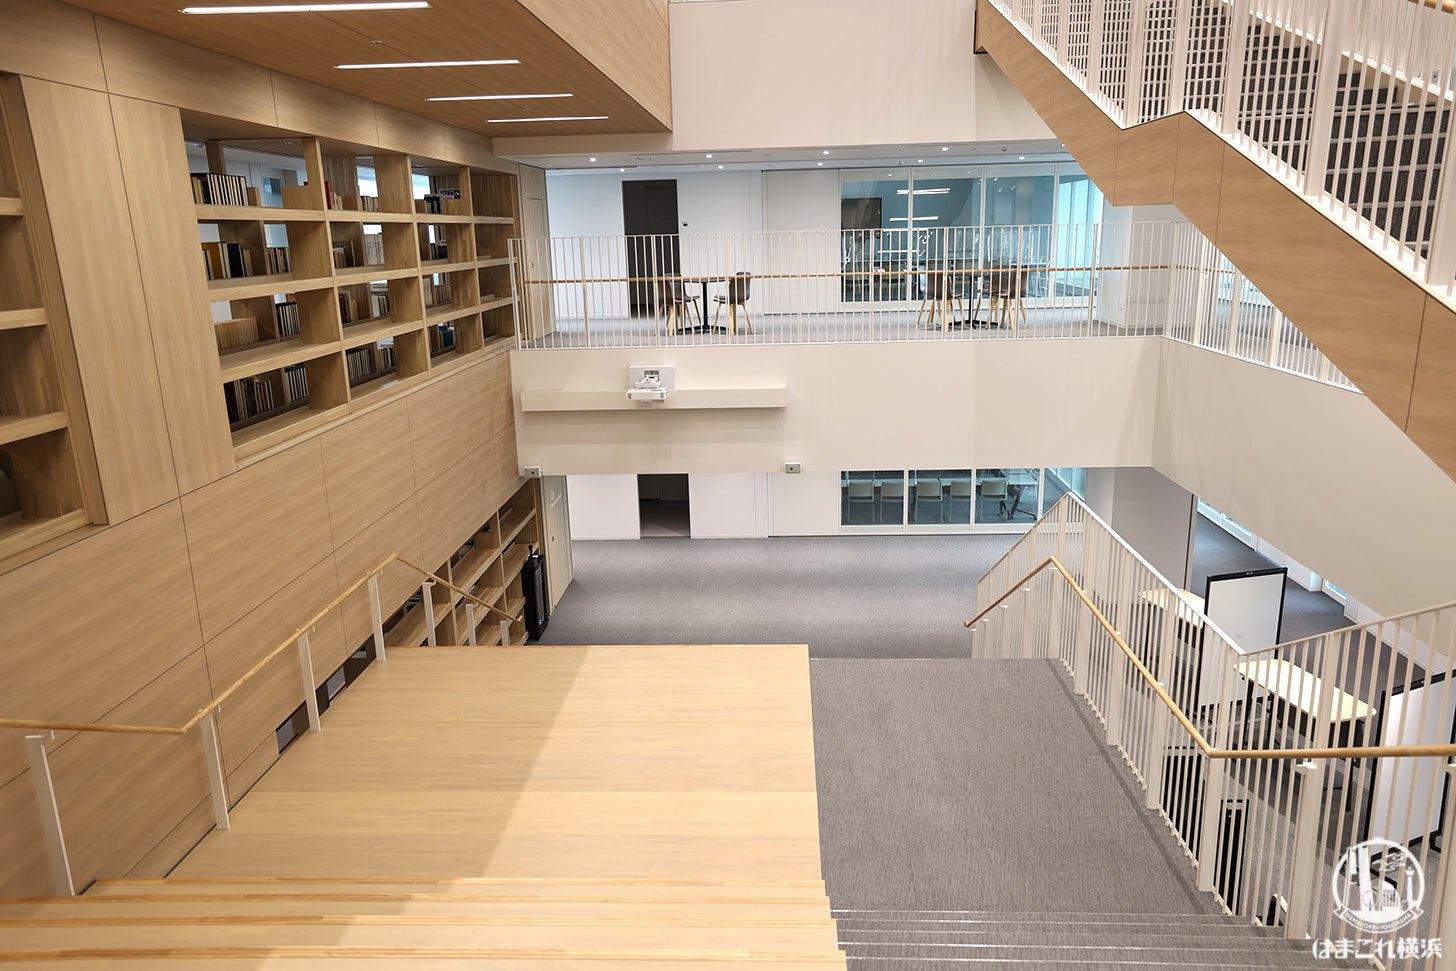 研究室と演習室